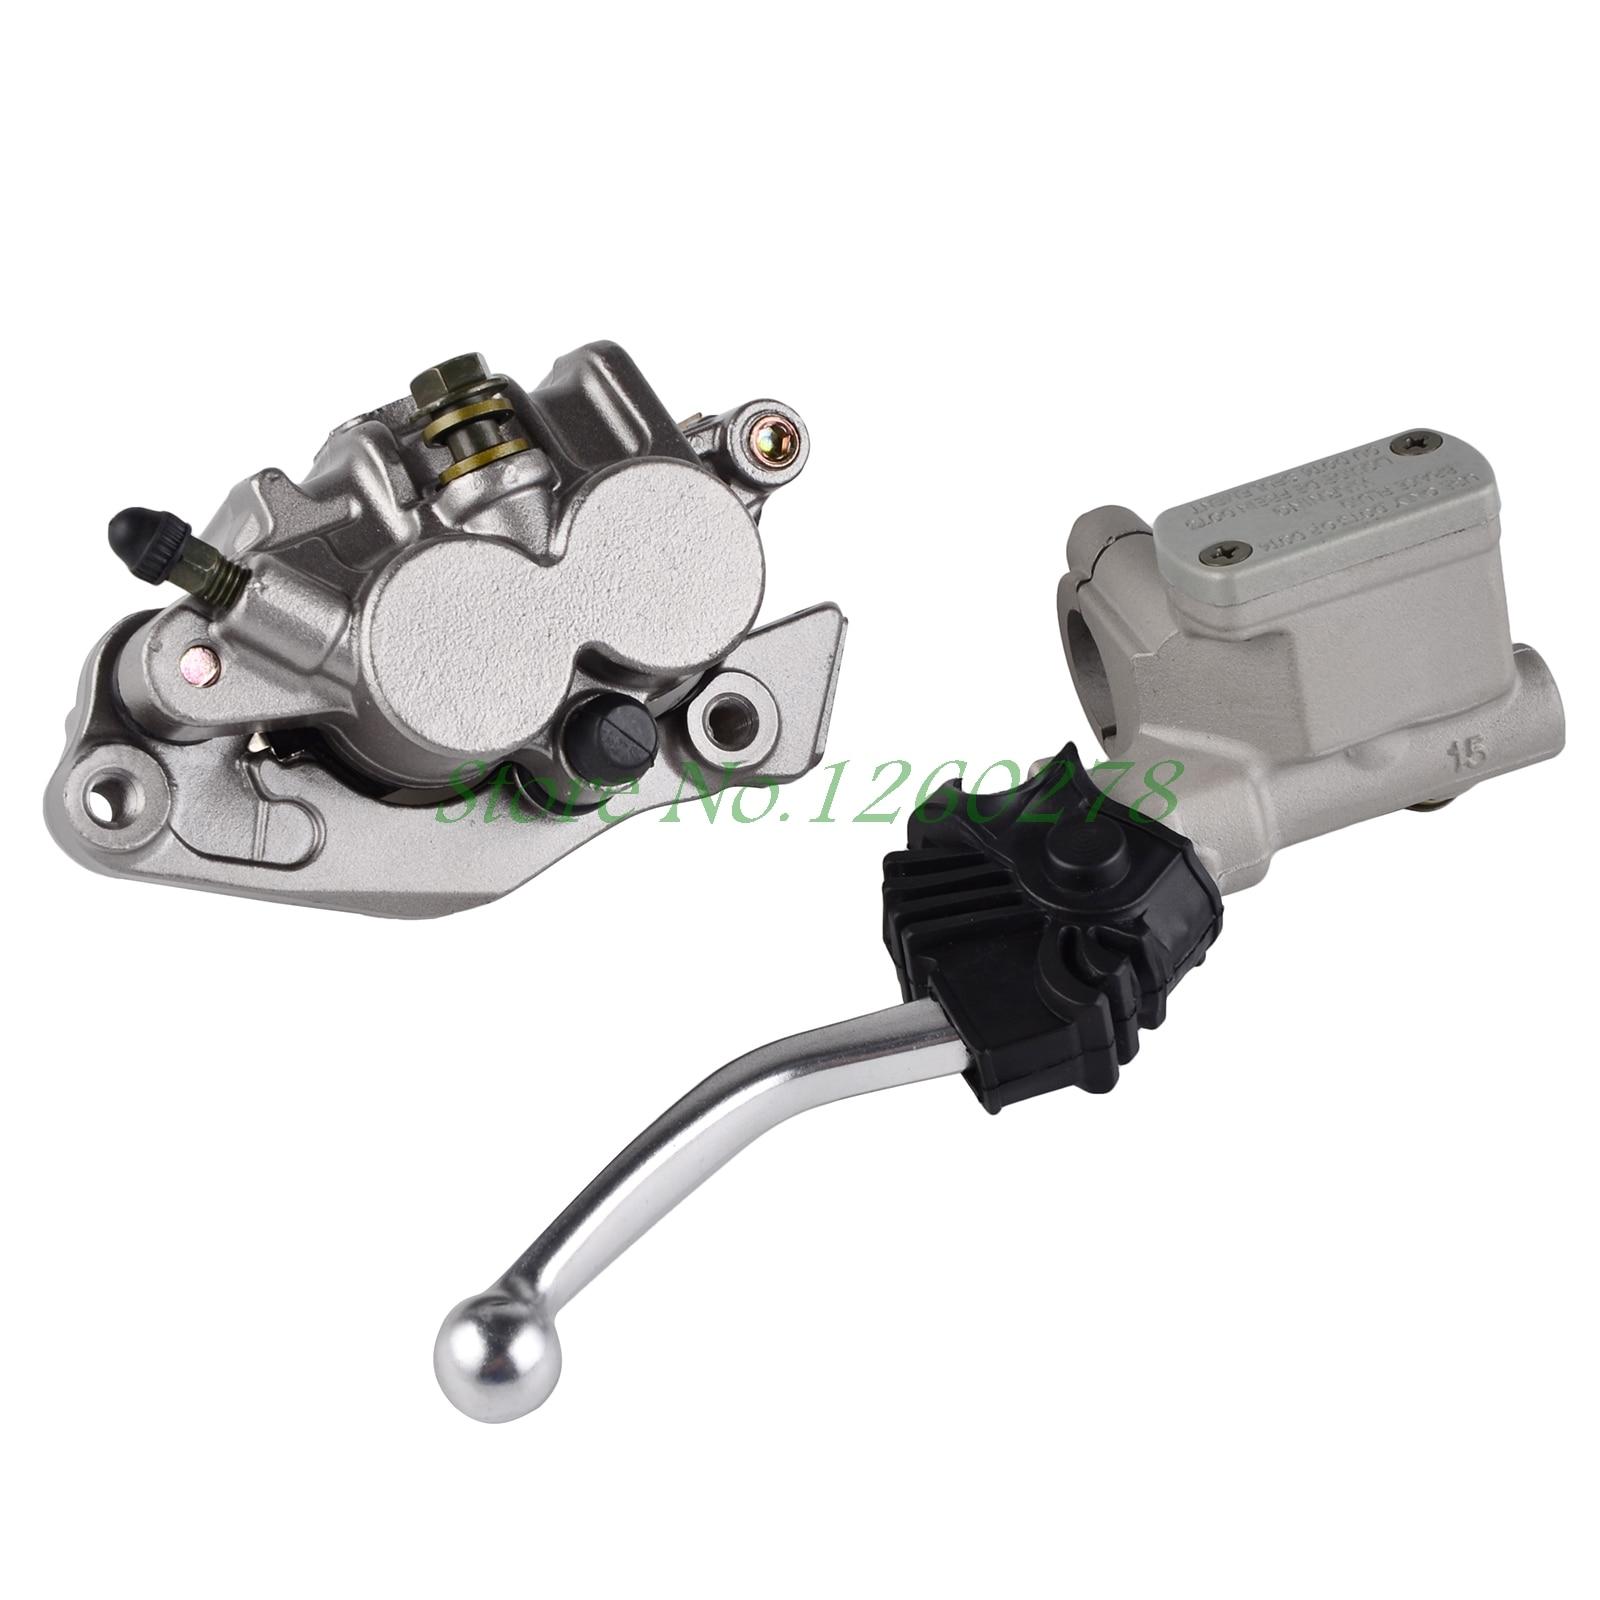 Передний Цилиндр и суппорт для Honda XR250R XR400R XR600R XR650L x650r ATV